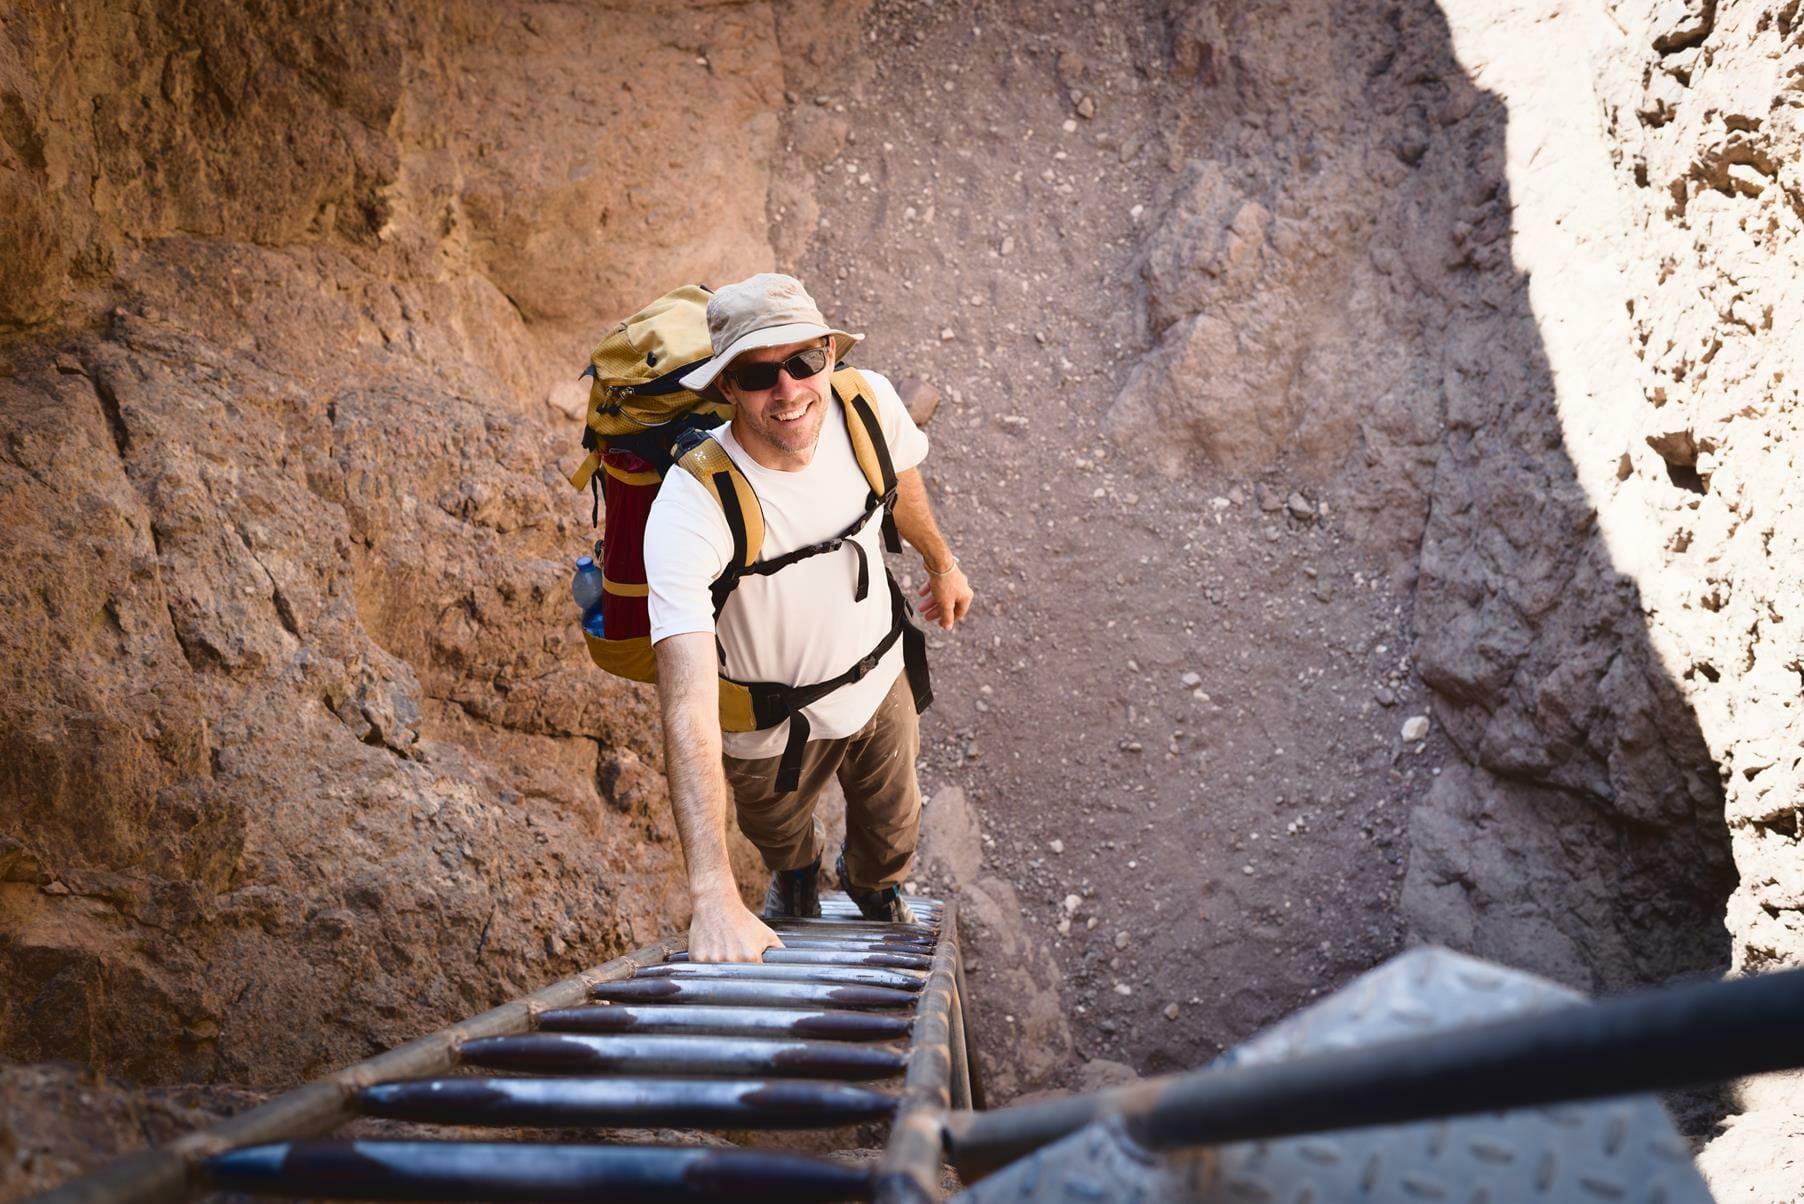 הרי אילת נחל גישרון, טרק על שביל ישראל, צילום: יוסי אביטל